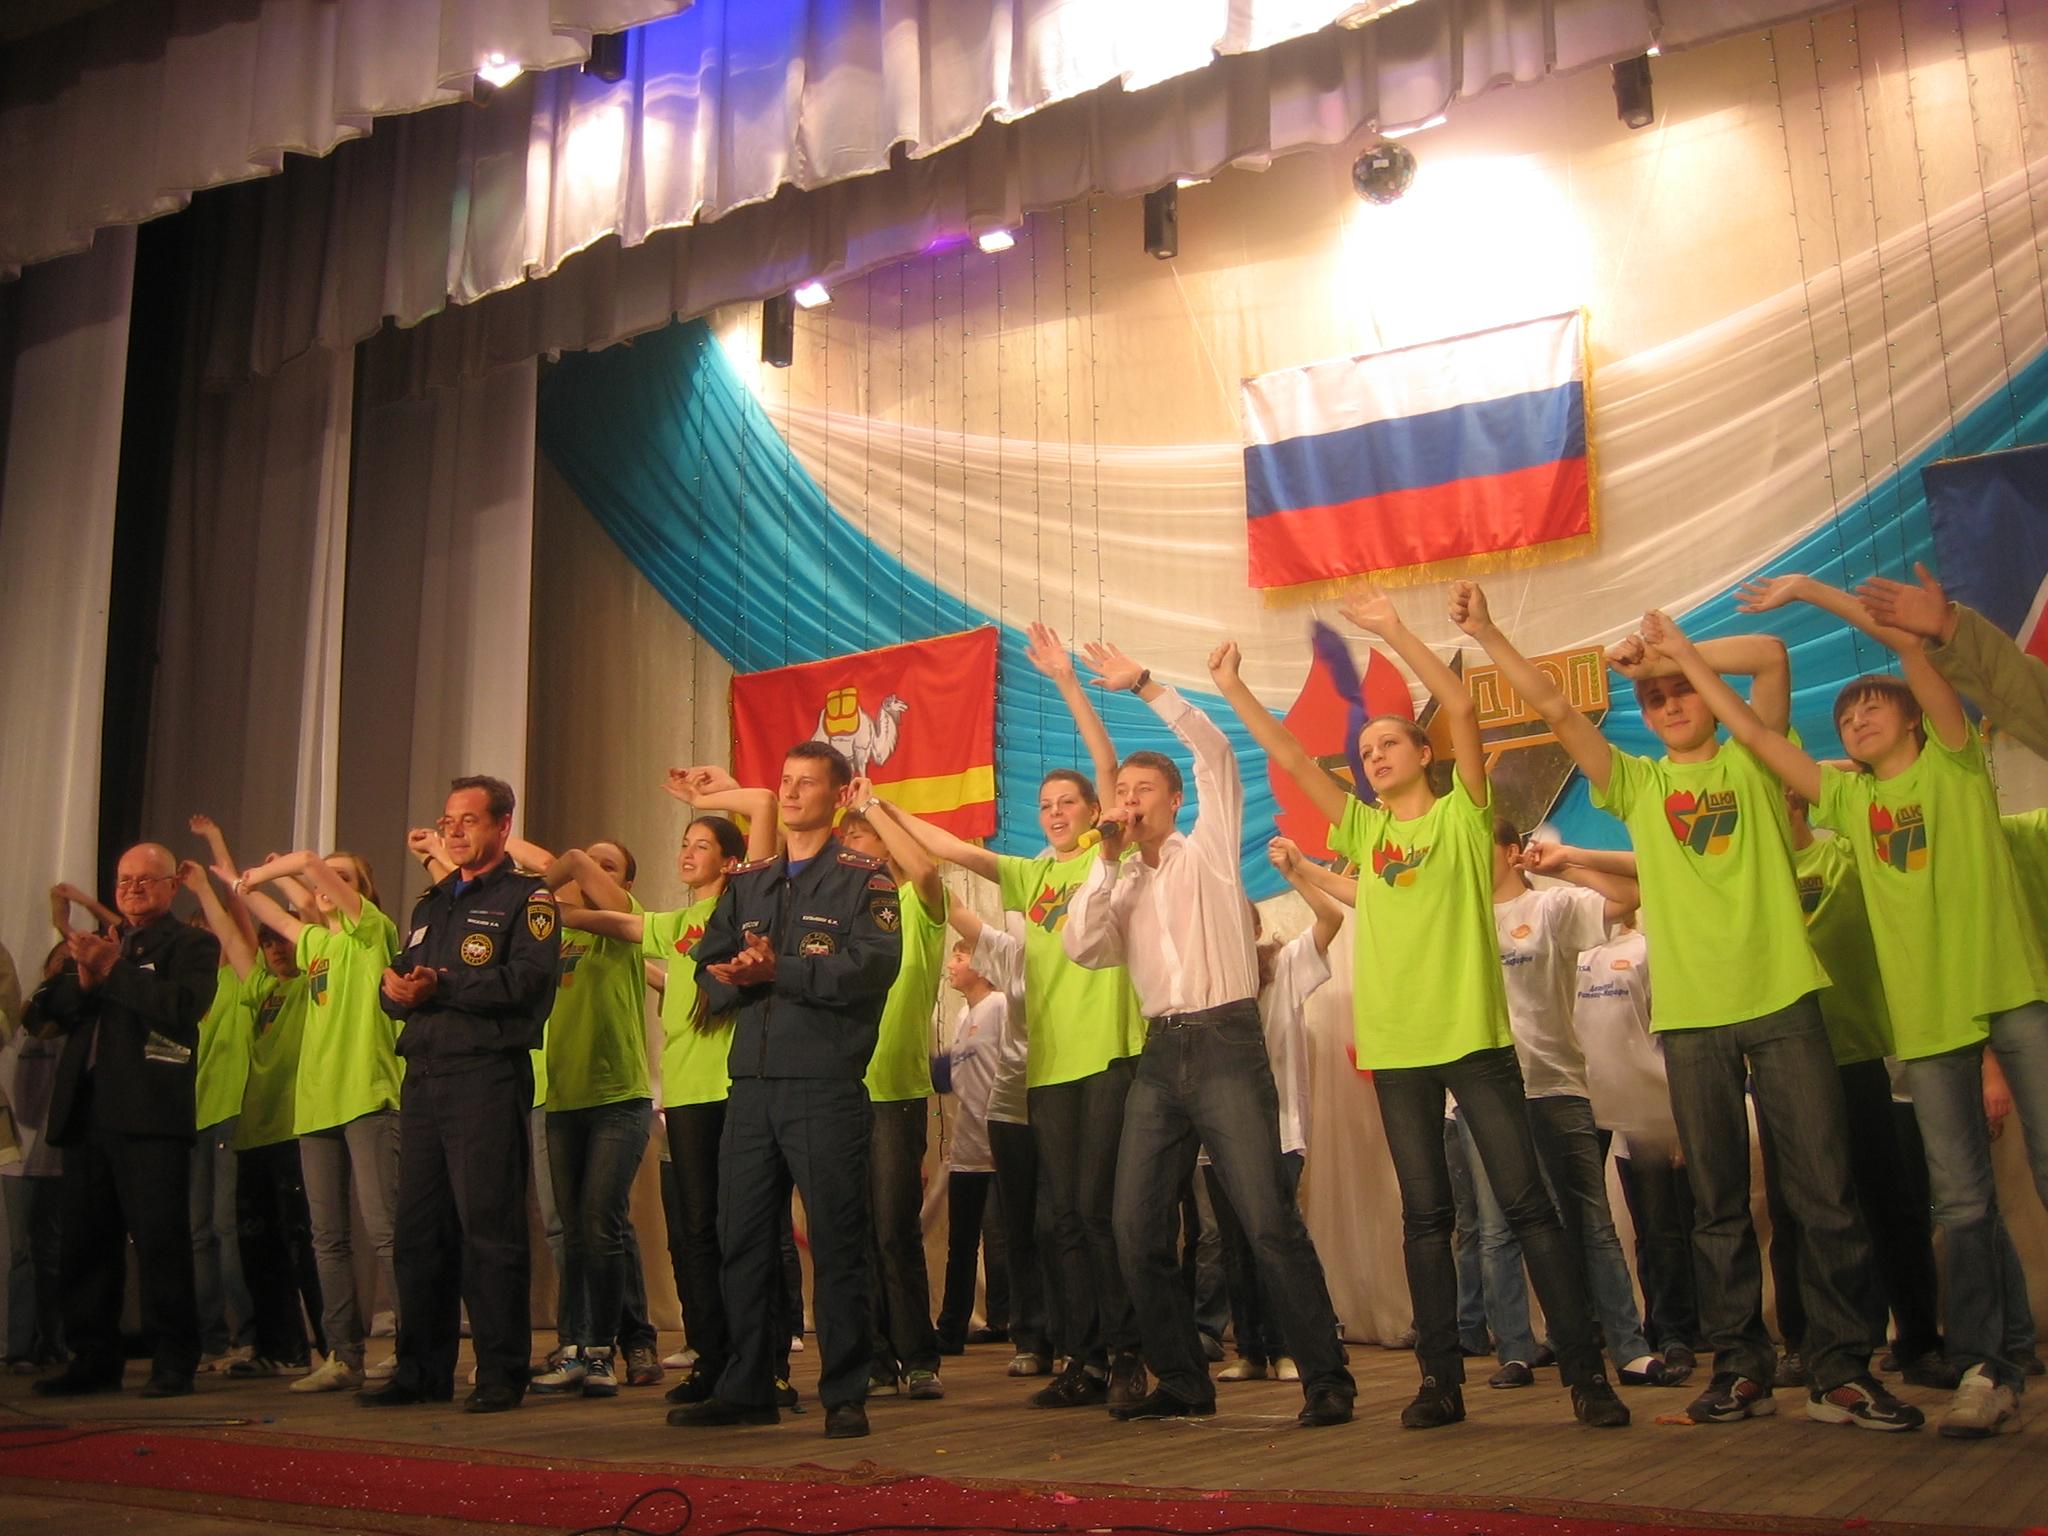 23 октября 2009 года проведен пятый (юбилейный) слёт Дружин юных пожарных школ Кыштымского городского округа